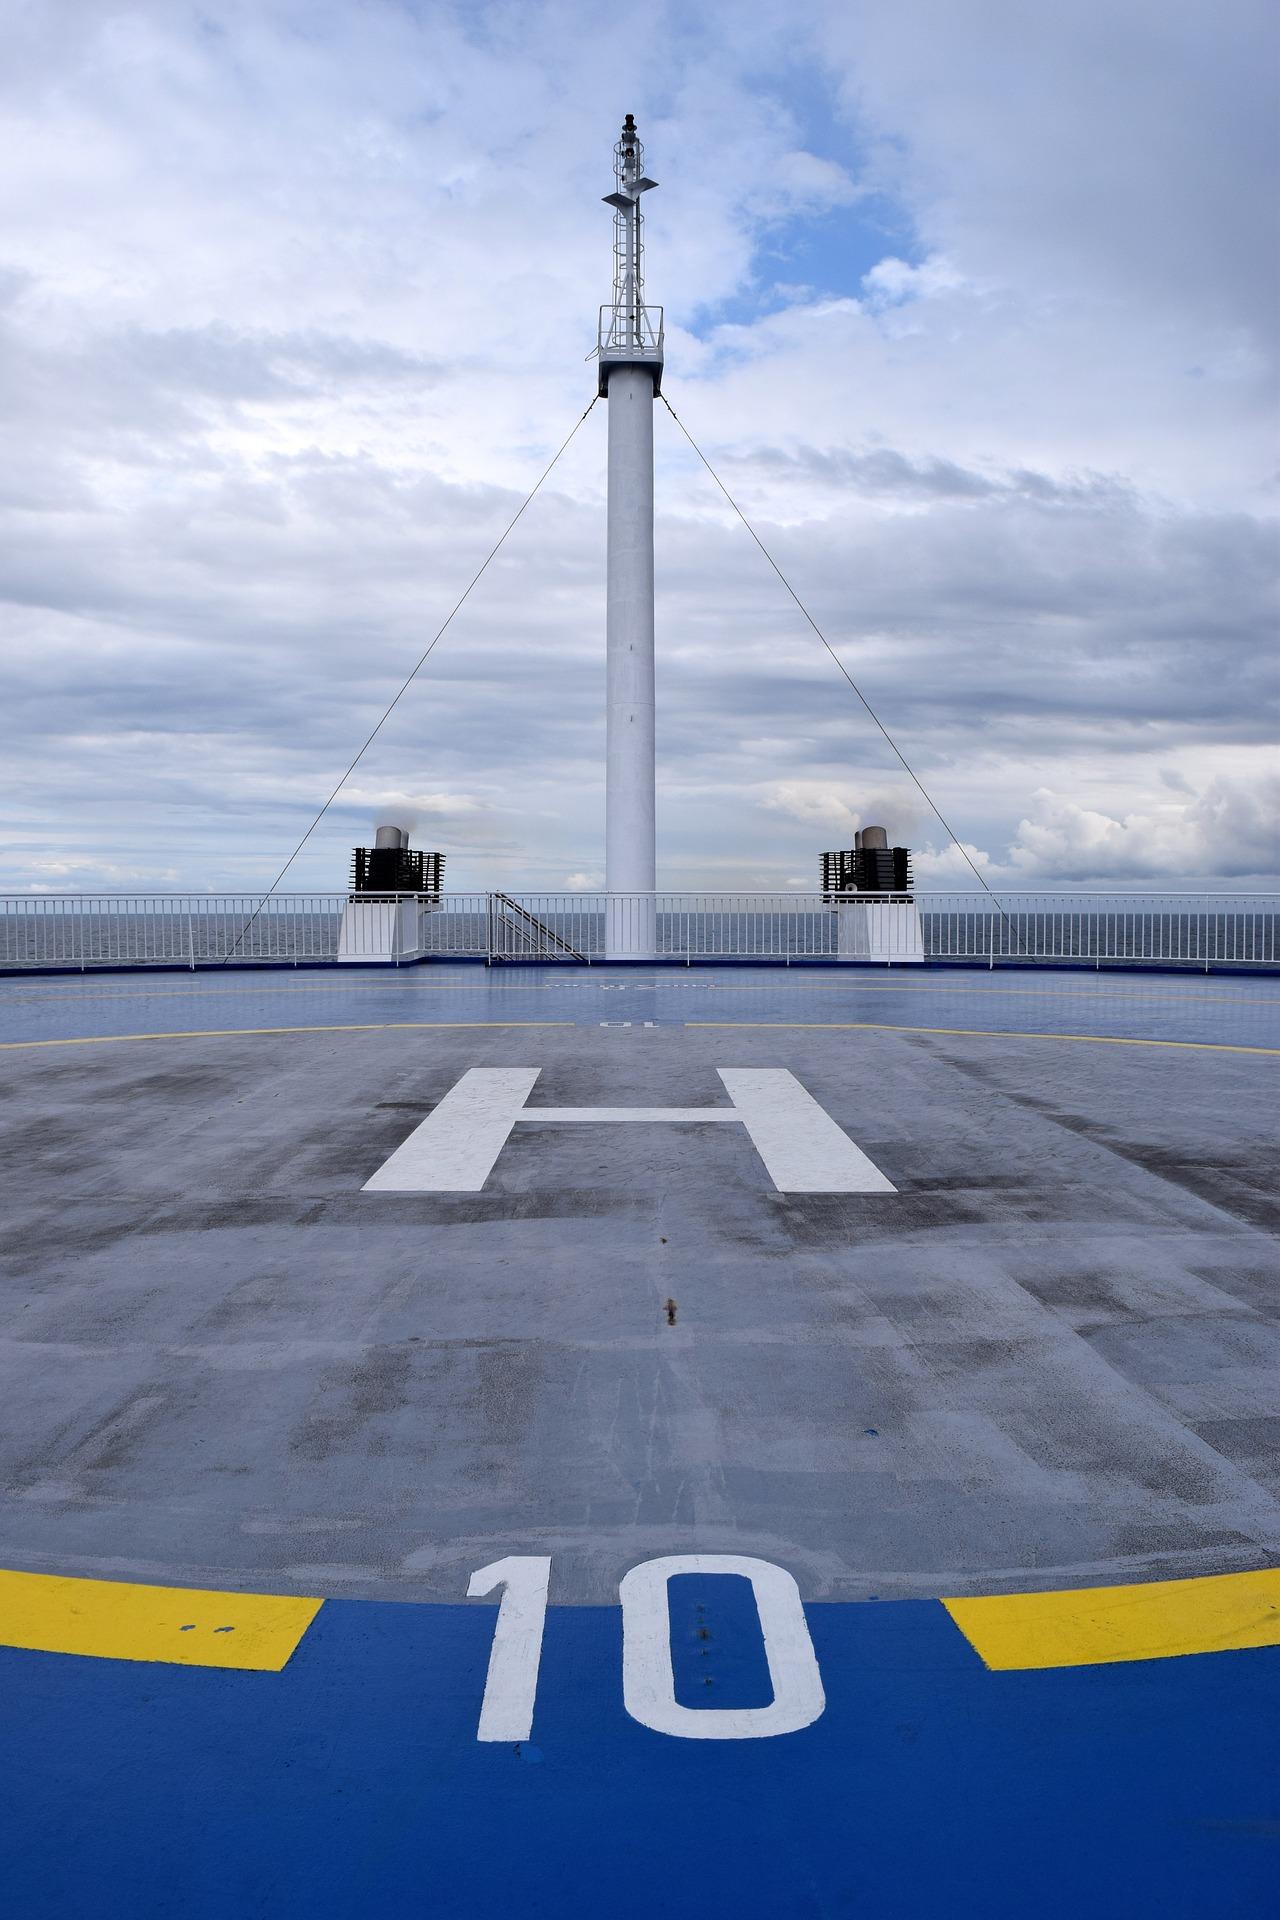 Helipad on the Ship, Boat, Construction, Heli, Helipad, HQ Photo